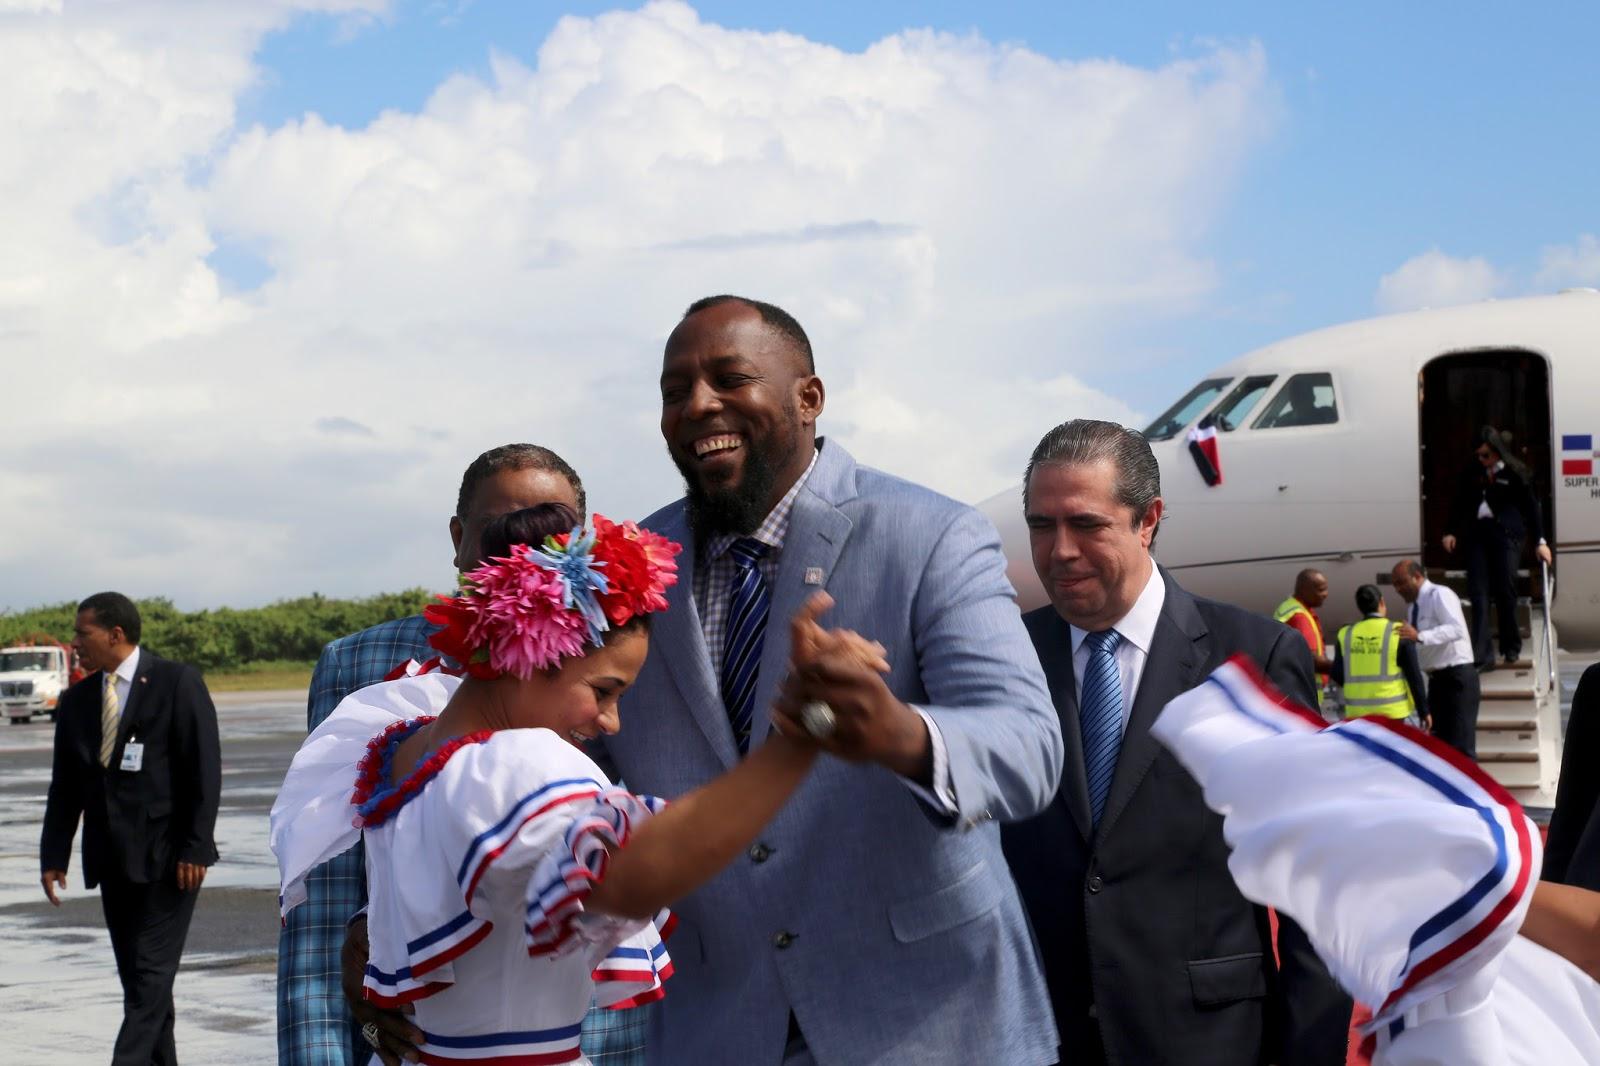 VIDEO: A ritmo de merengue, República Dominicana recibe a Vladimir Guerrero con alegría y admiración